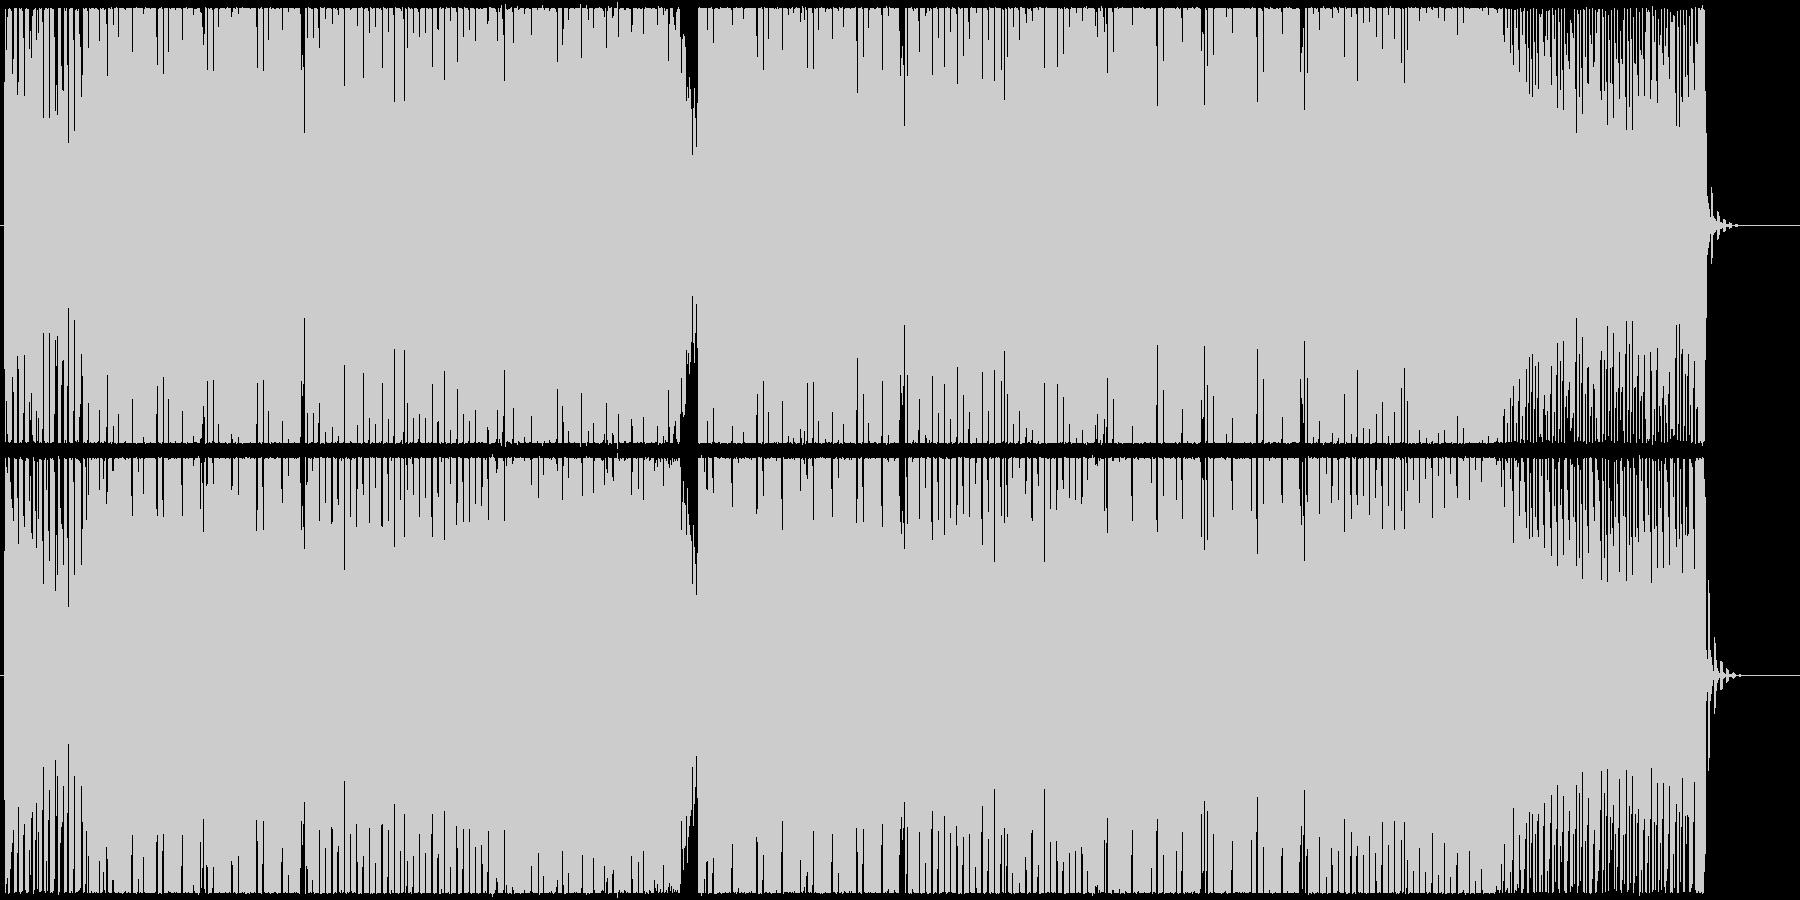 スタイリッシュなシンセベースのエレクトロの未再生の波形